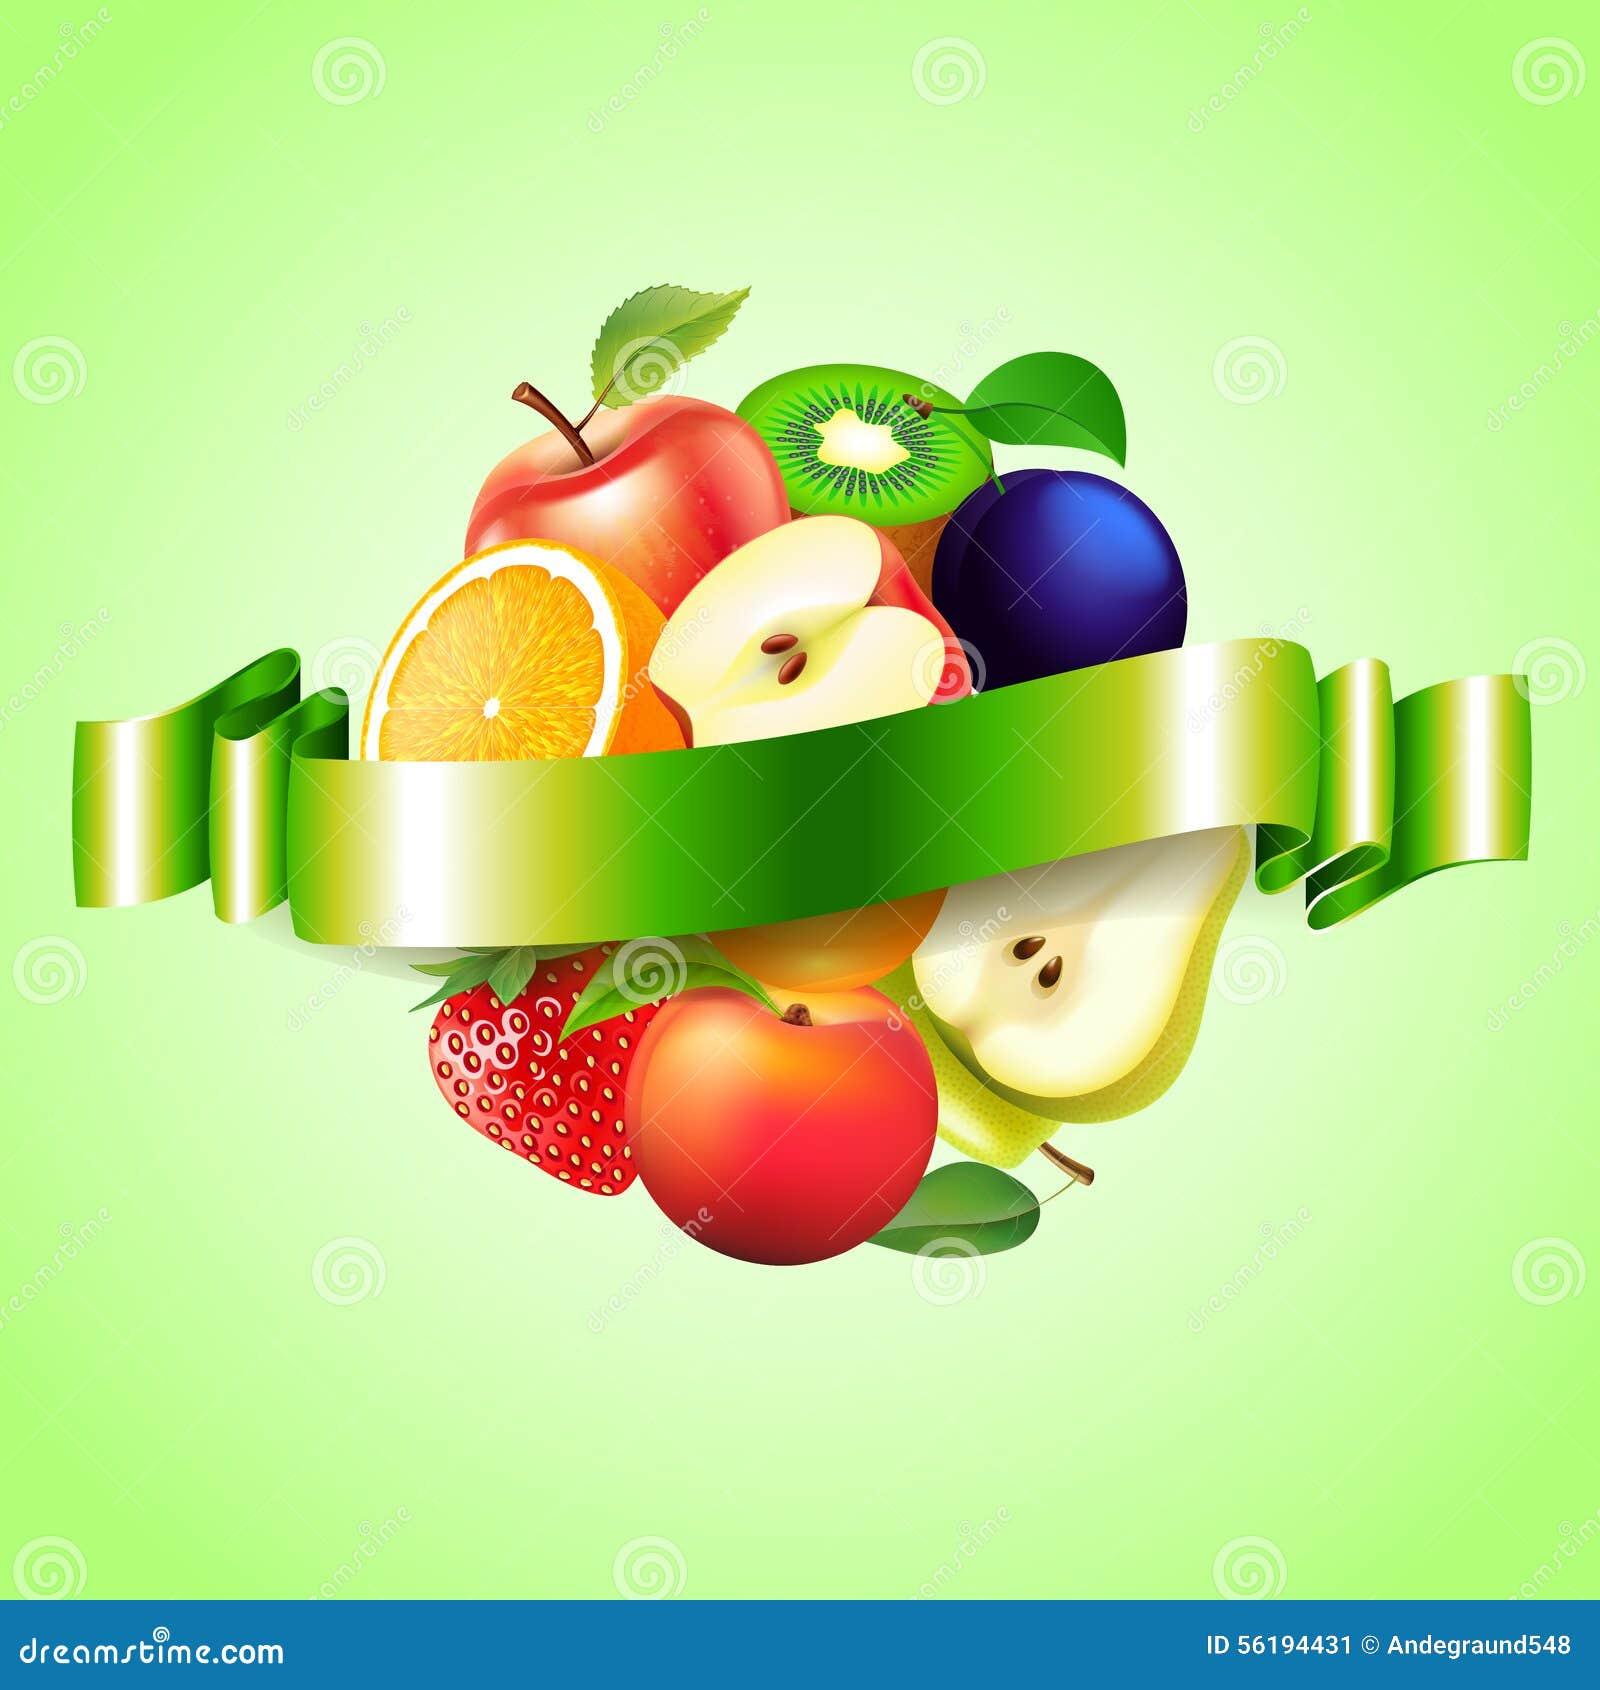 Frutifica a esfera com fundo do vetor da etiqueta